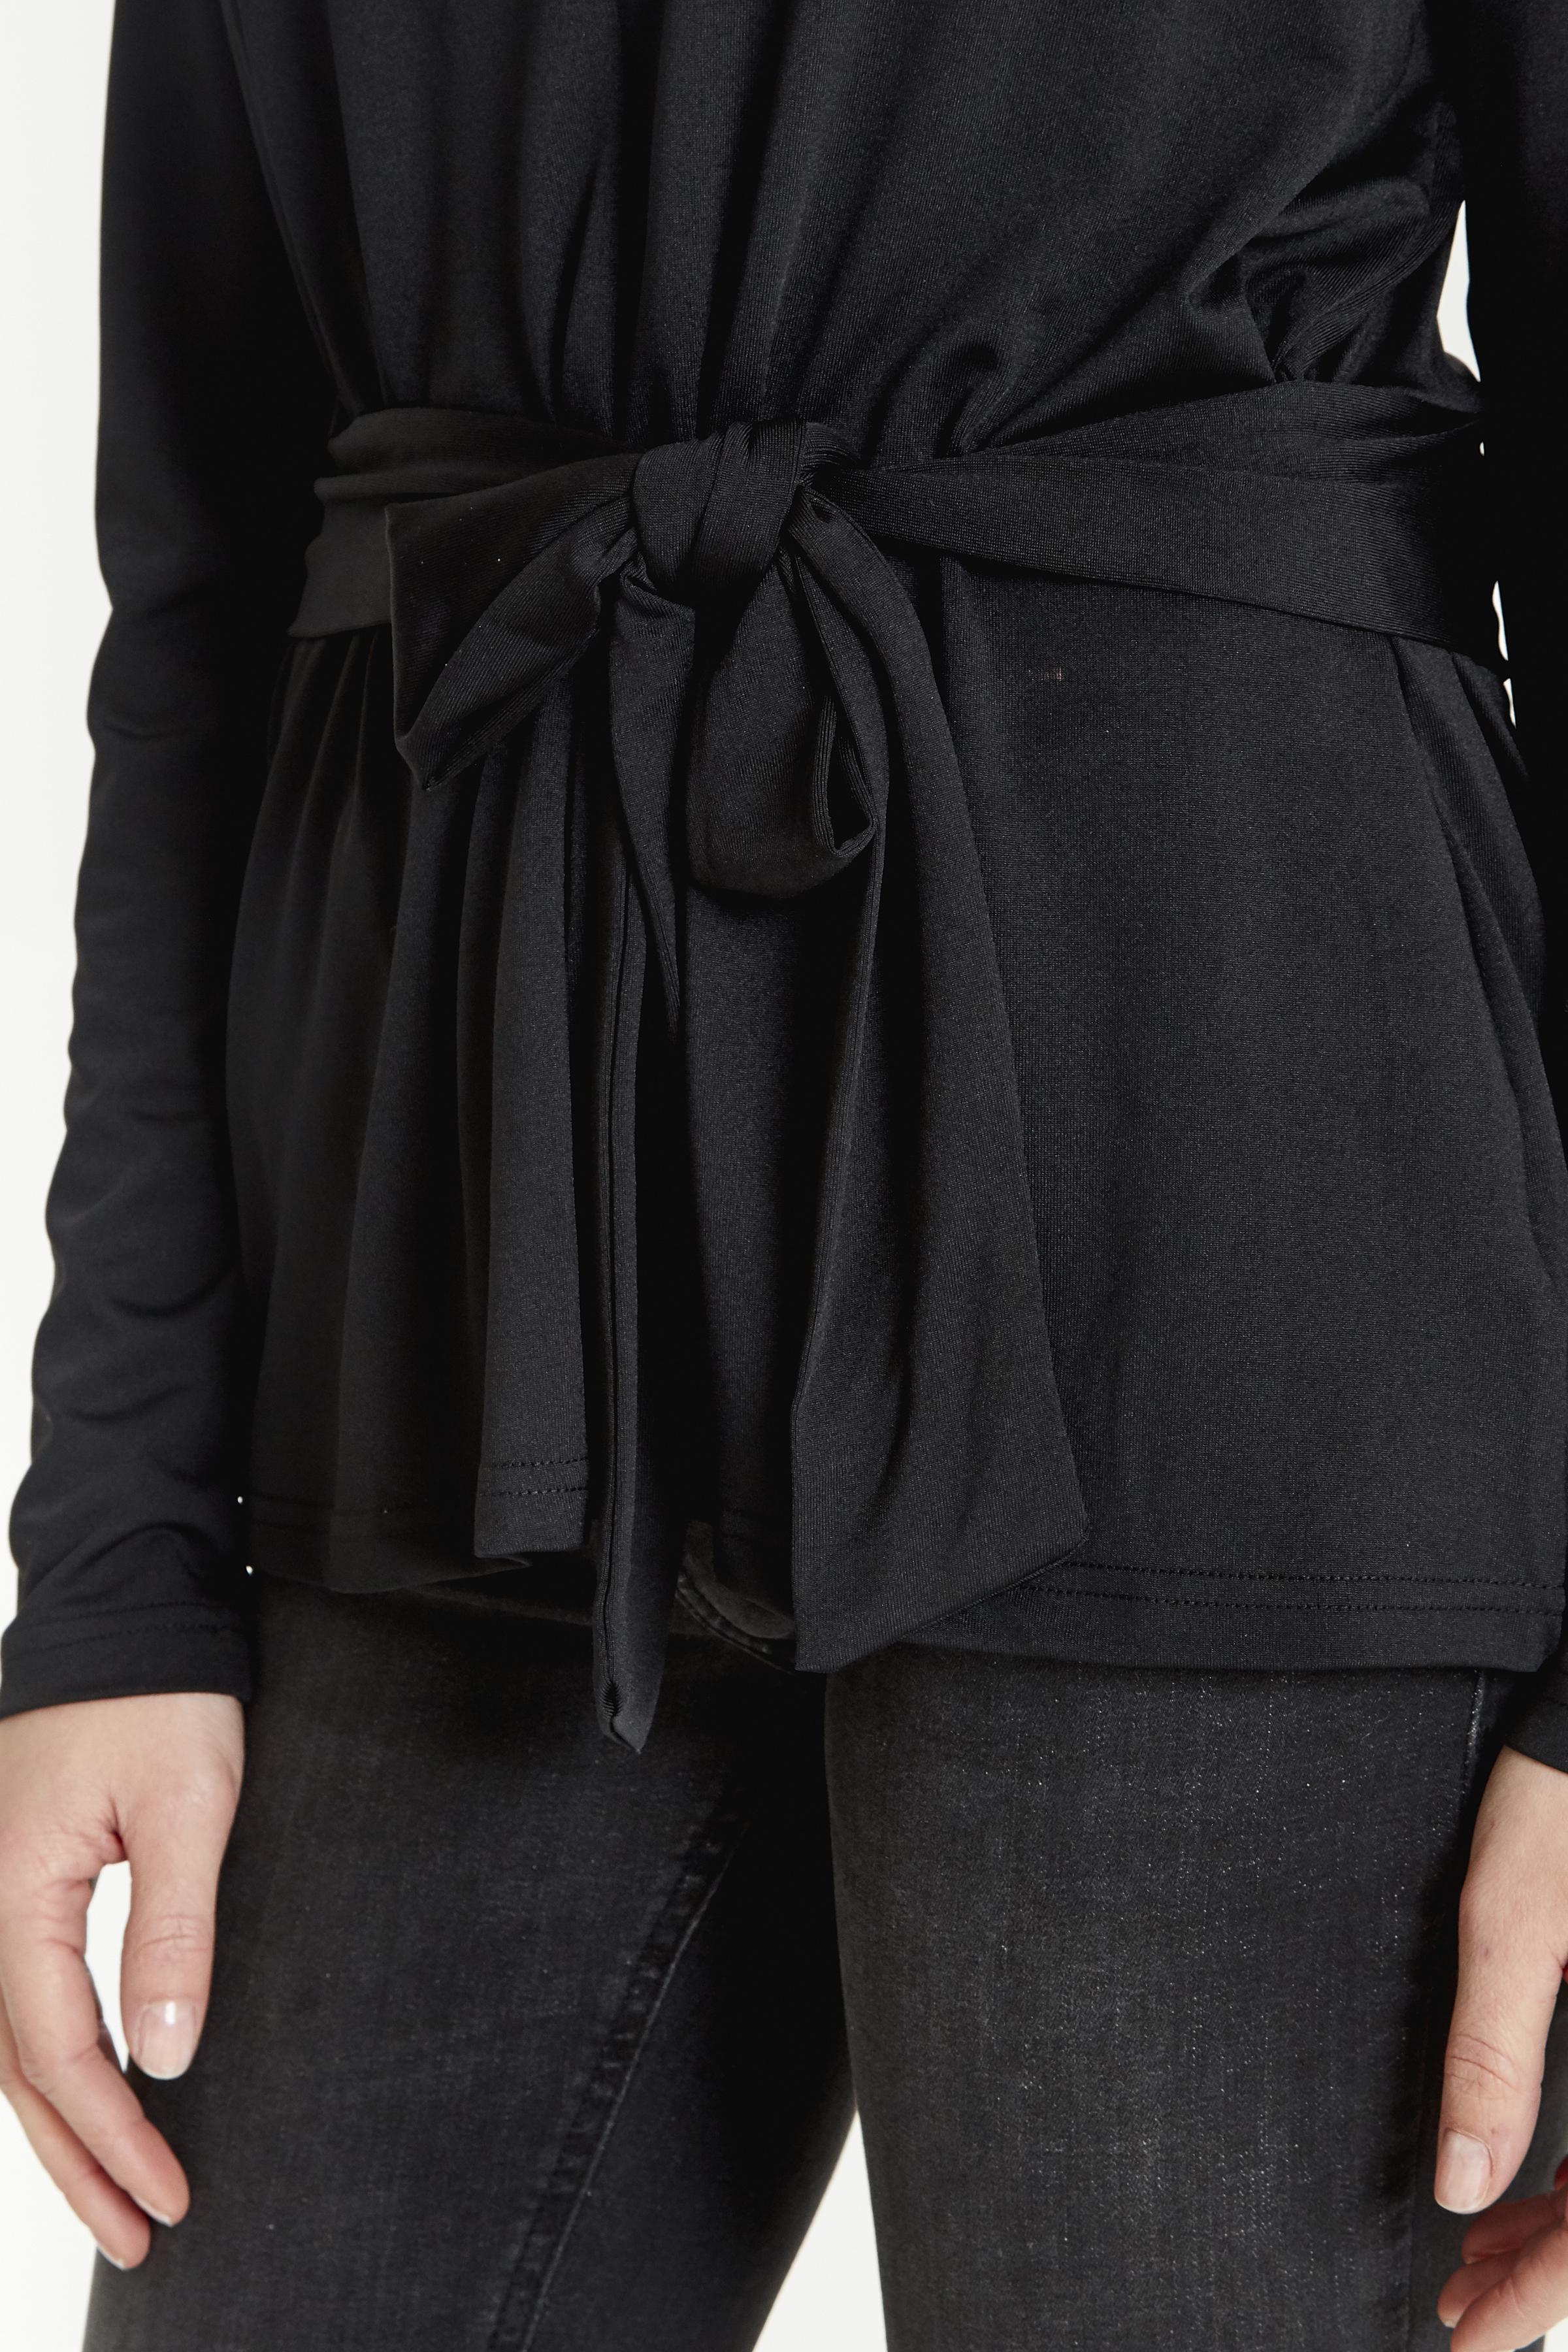 Black Langarm-Bluse von b.young – Kaufen Sie Black Langarm-Bluse aus Größe XS-XXL hier